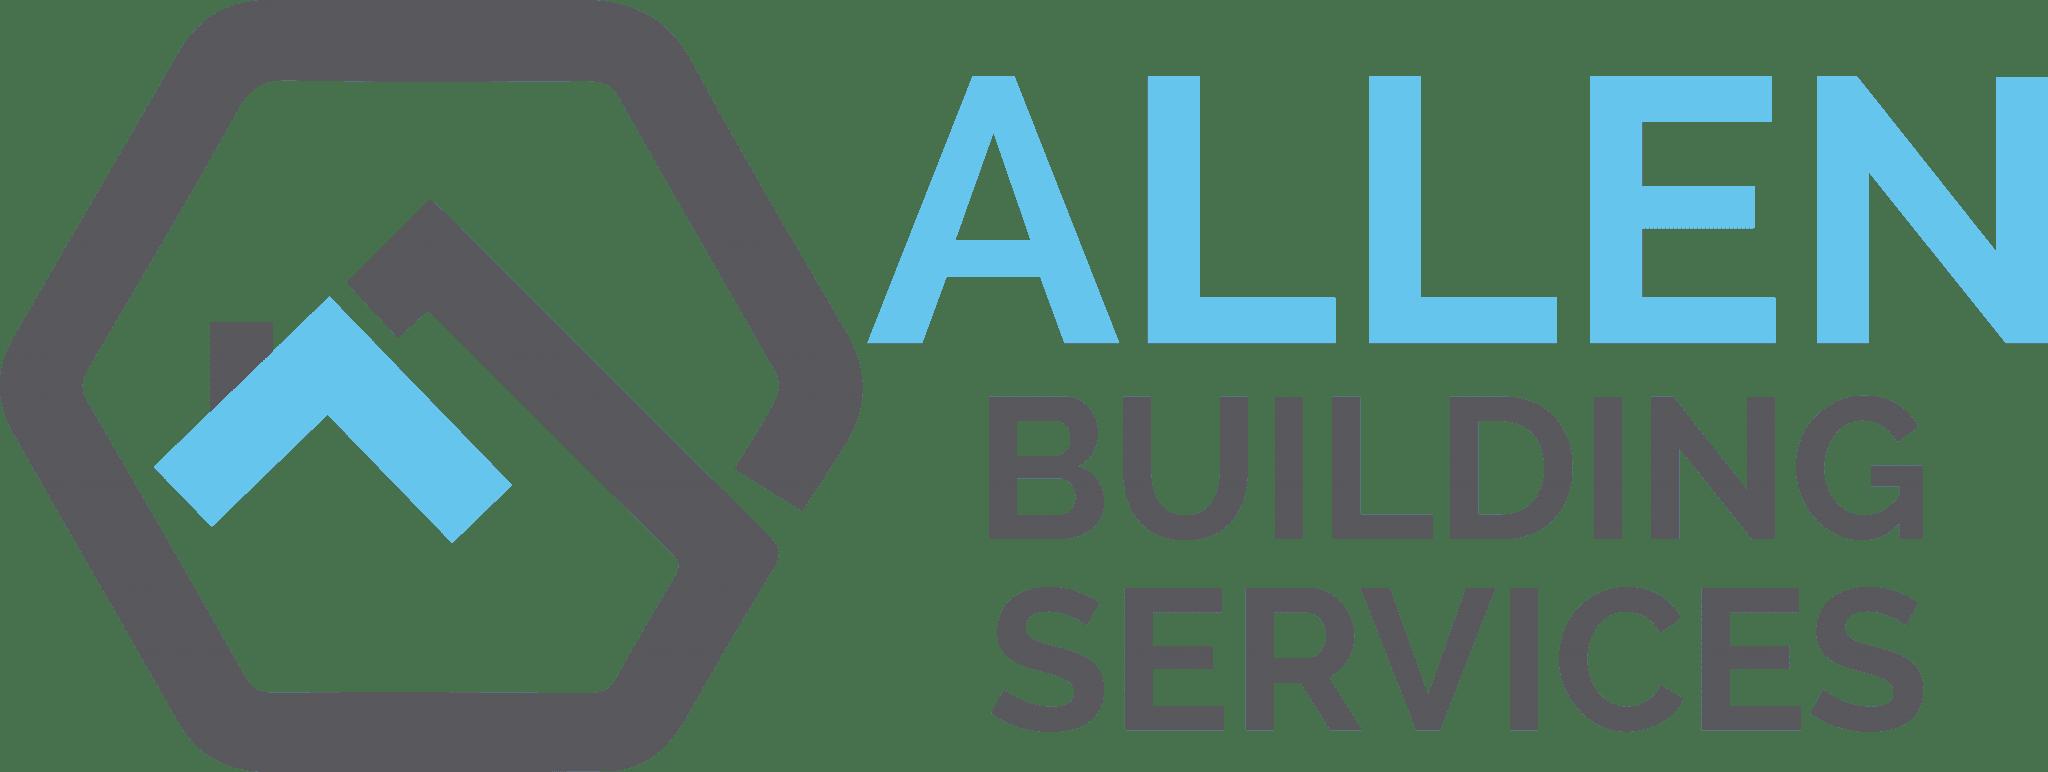 Allen Building Services